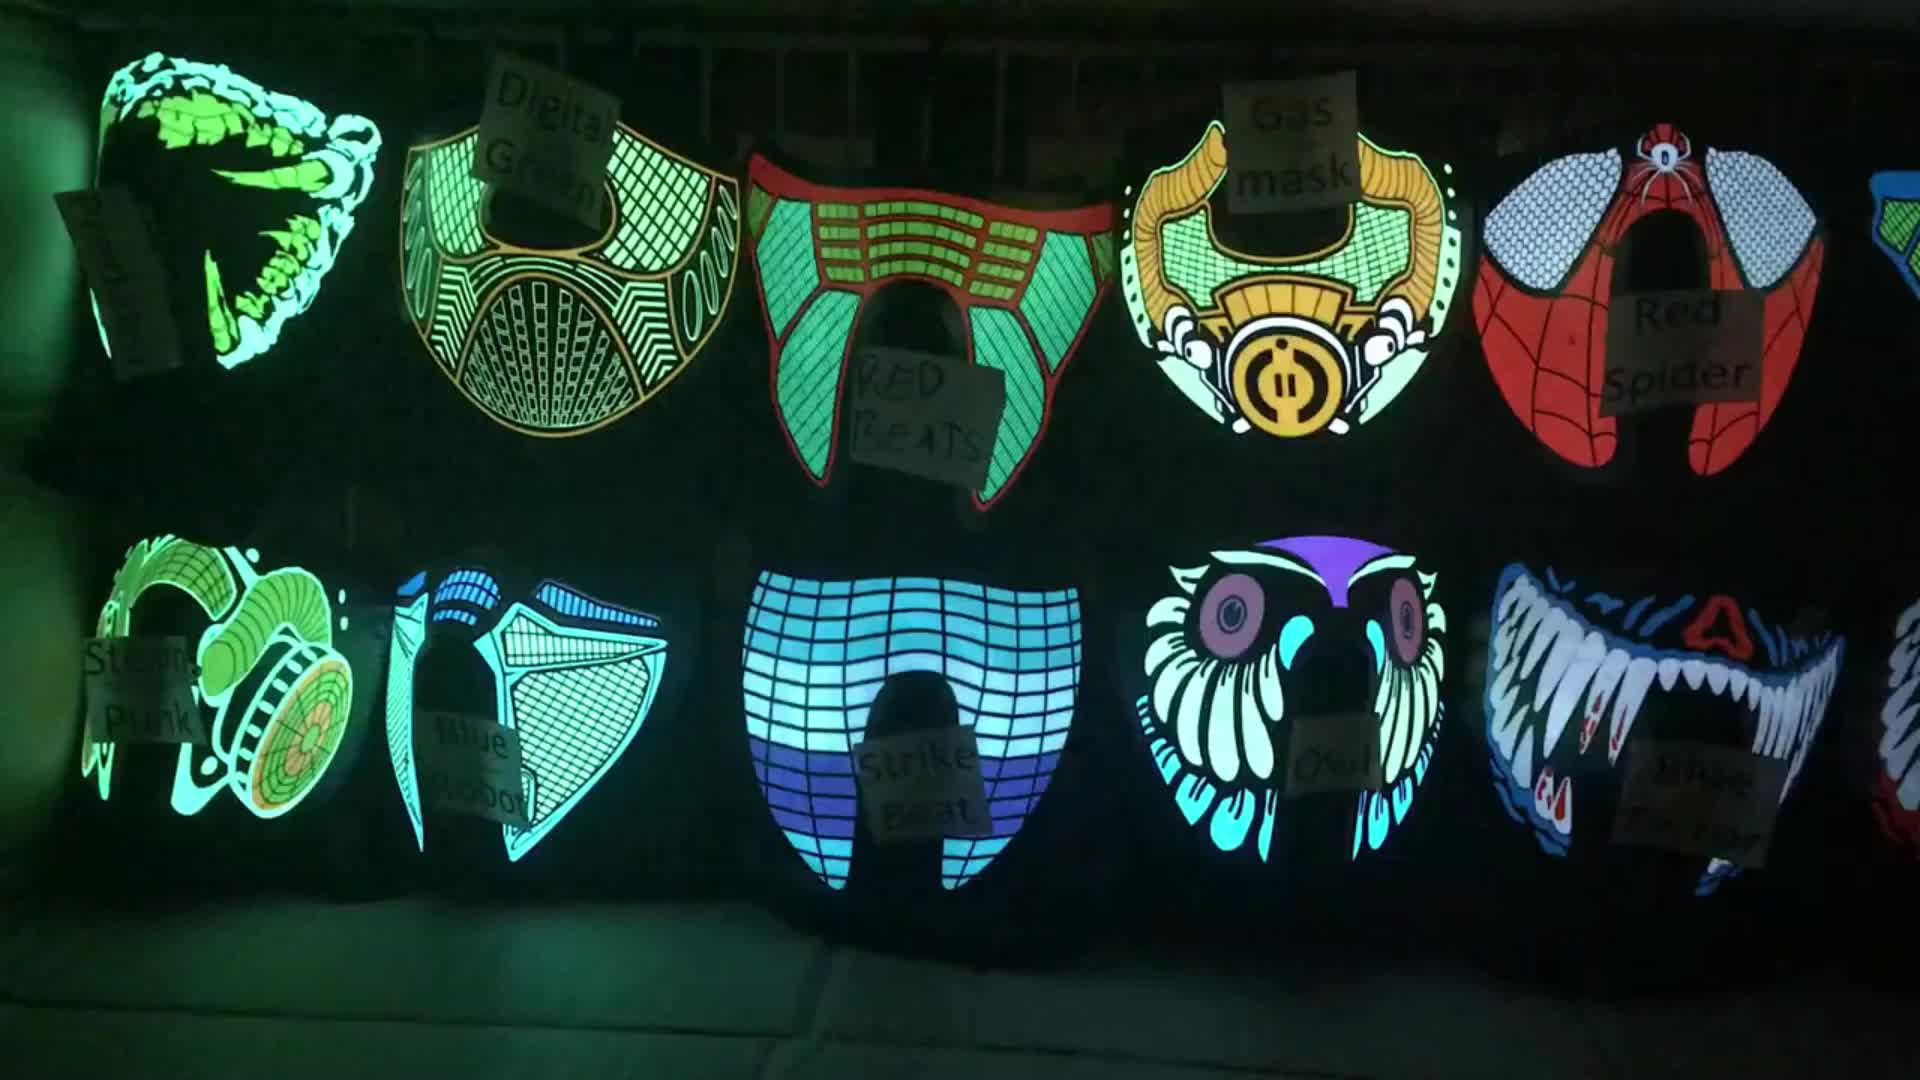 2020 yeni ürün özel tasarım light up EL paneli led ses reaktif maskesi DJ rave parti olay festivali